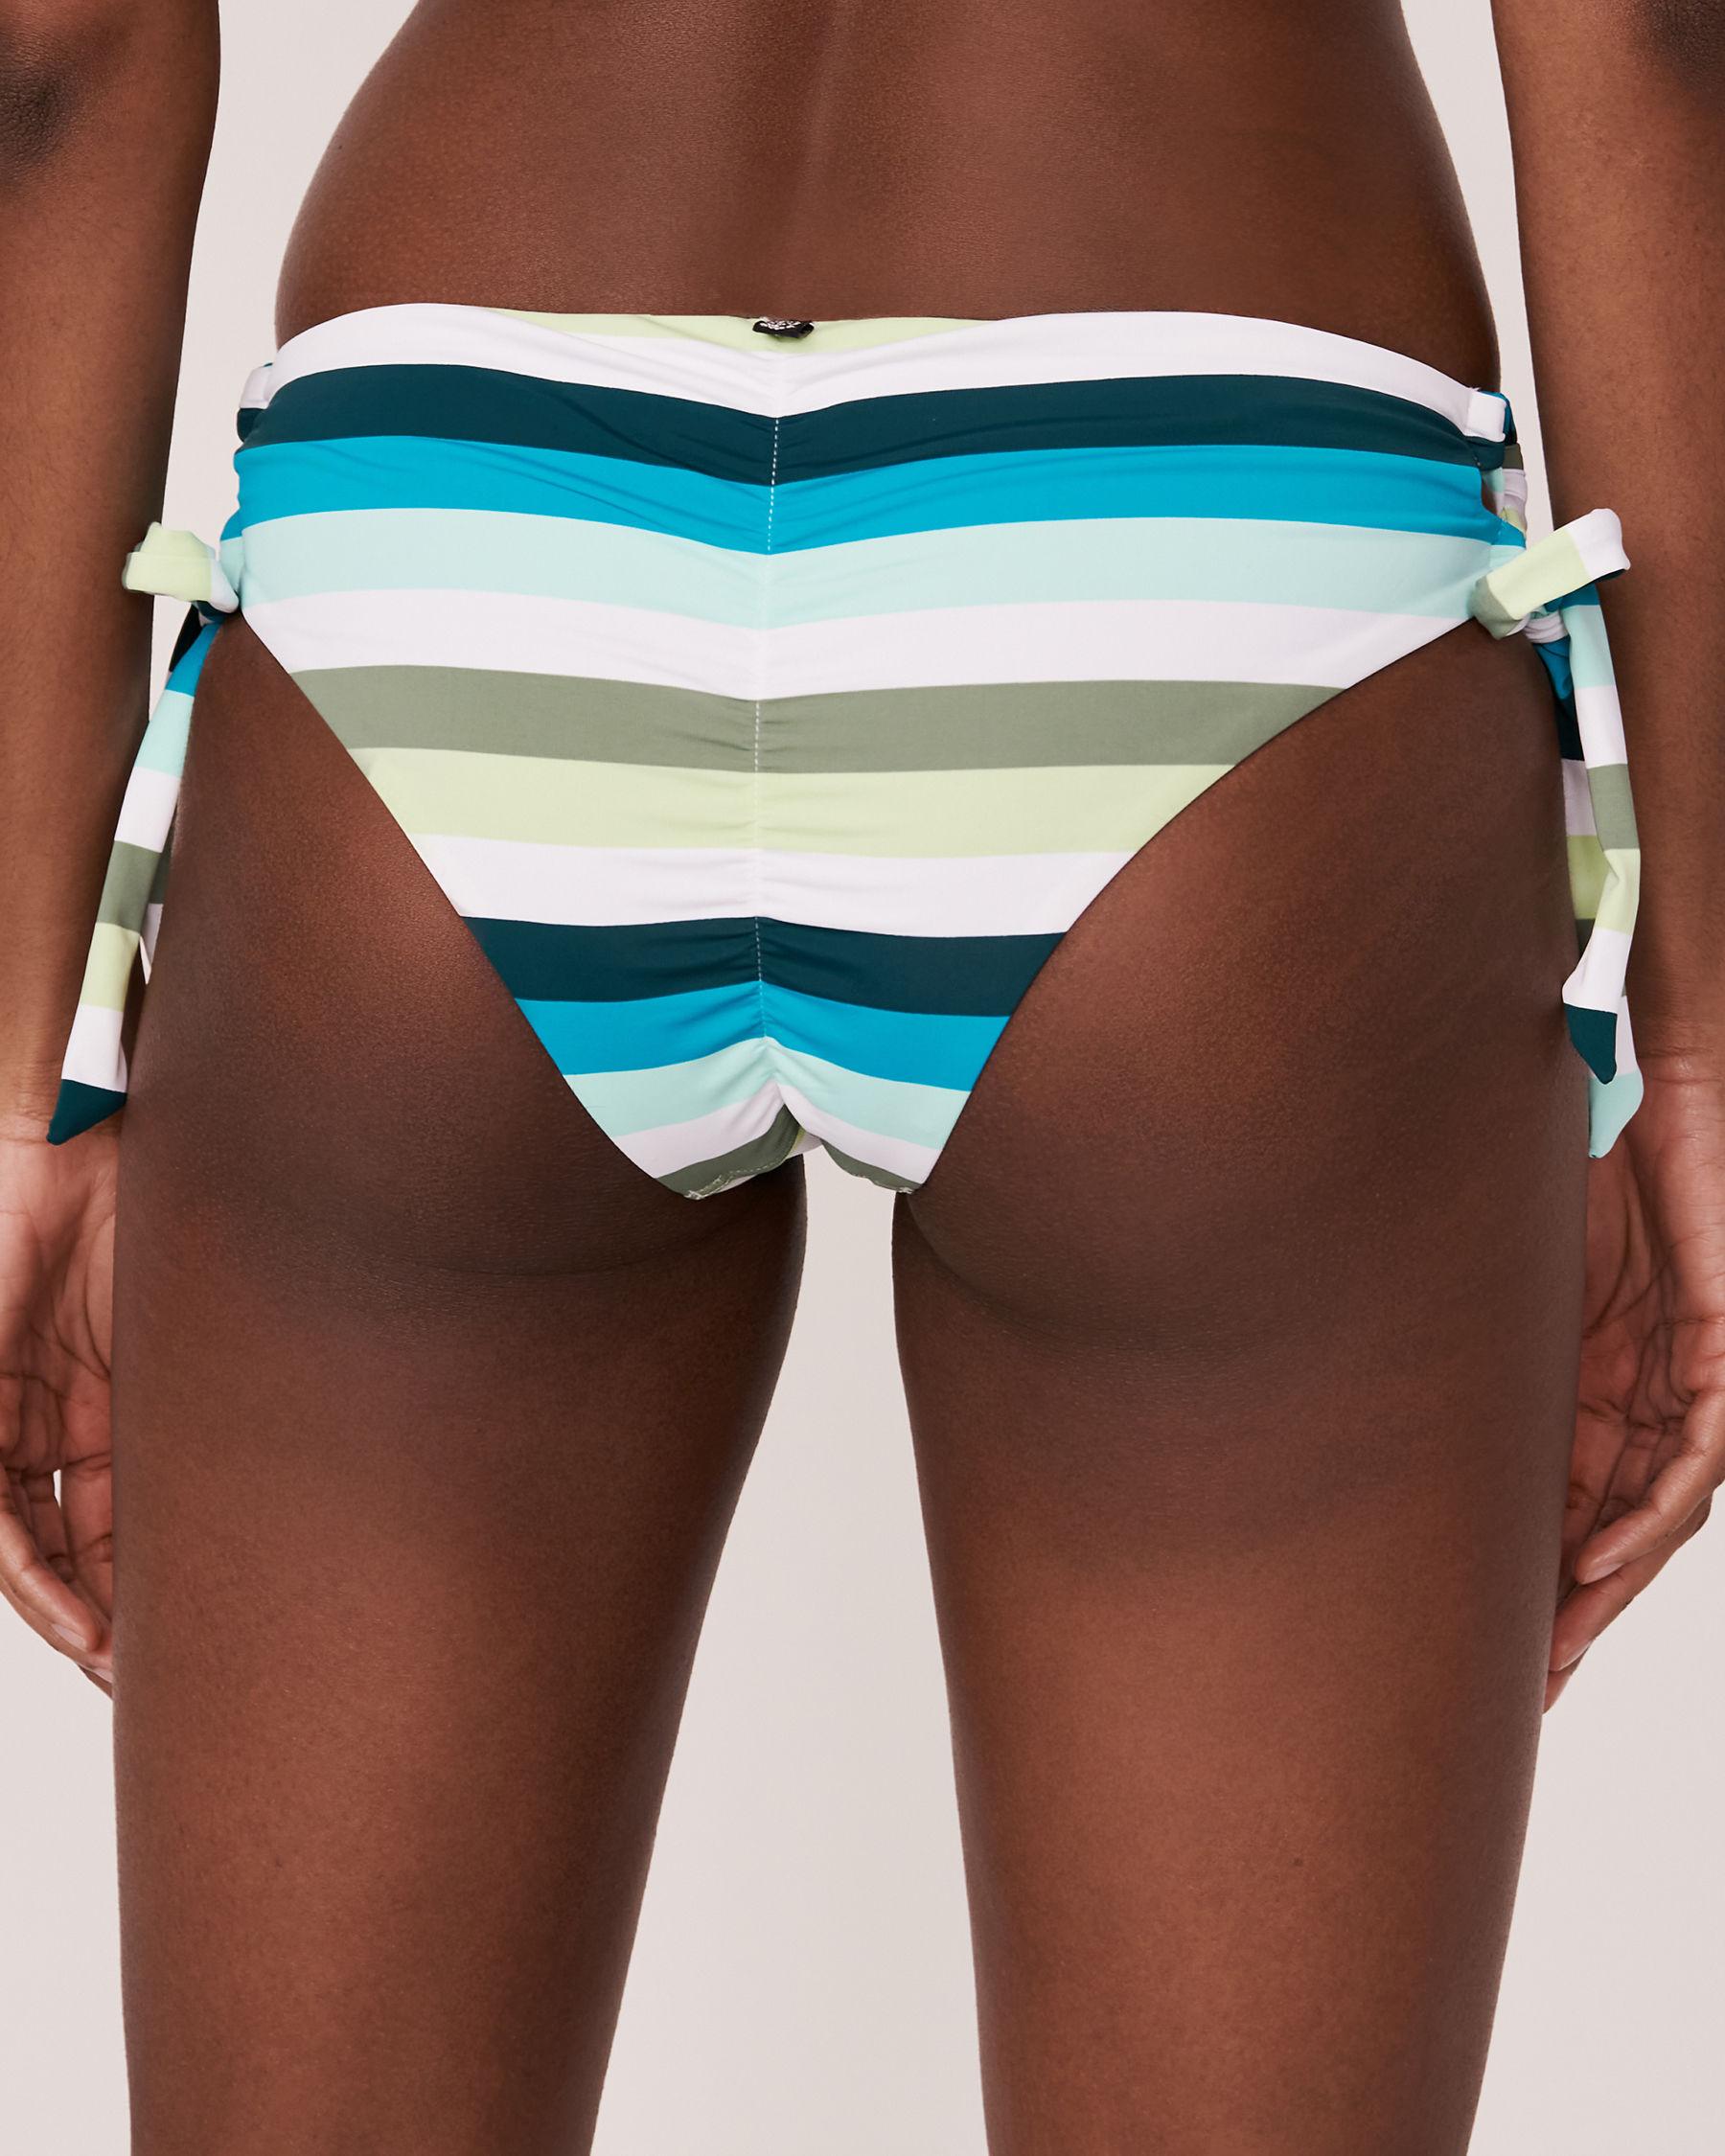 LA VIE EN ROSE AQUA Bas de bikini noué aux hanches LAGOON Tons de bleu 70300093 - Voir2